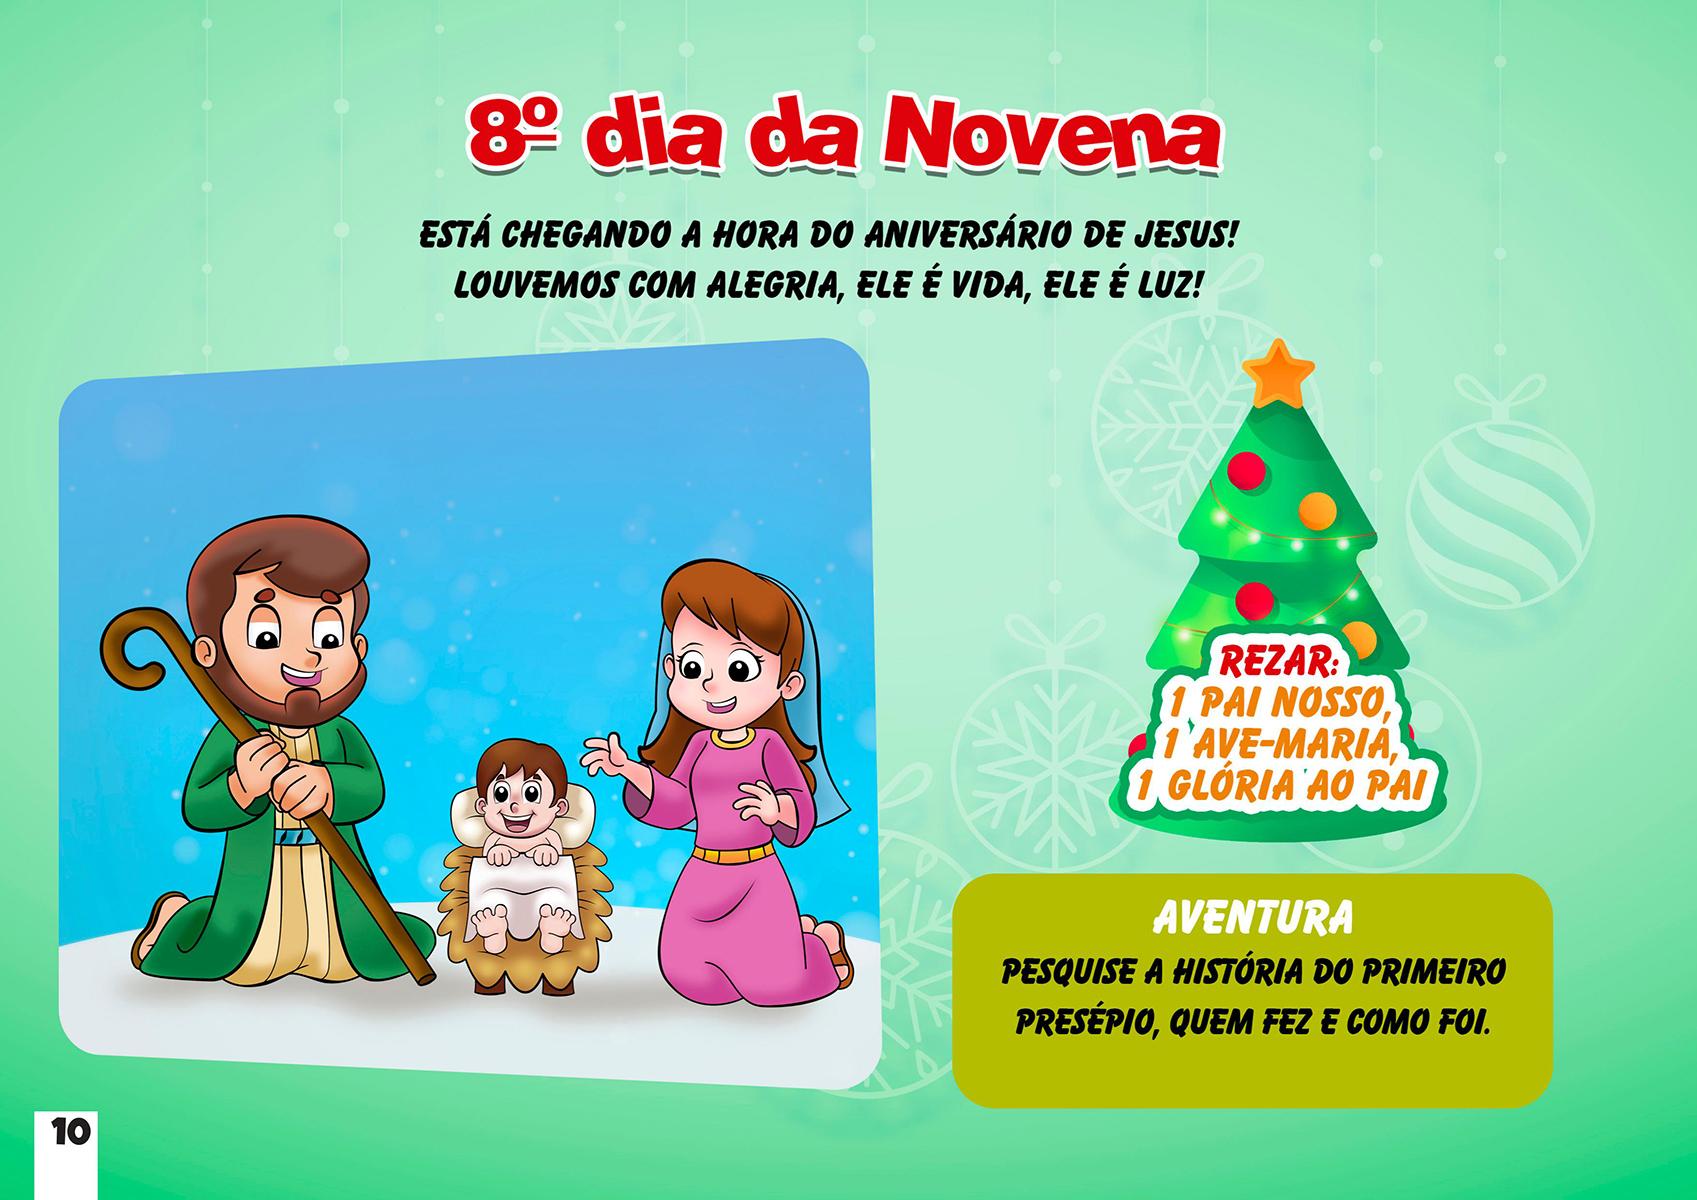 8º dia da Novena de Natal